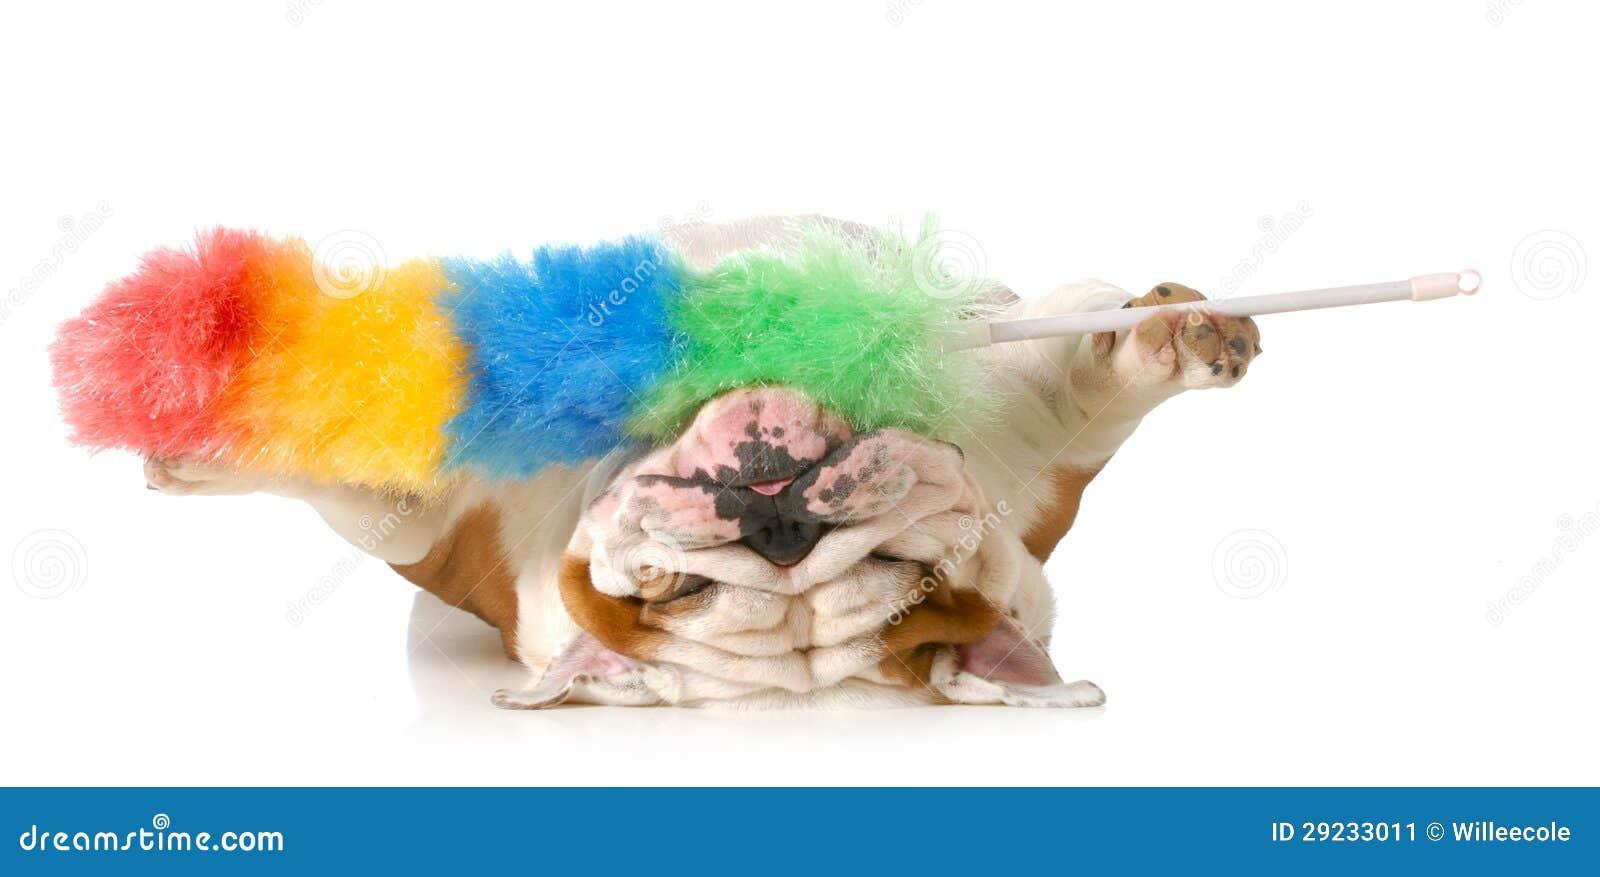 Download Limpando o cabelo de cão imagem de stock. Imagem de comical - 29233011